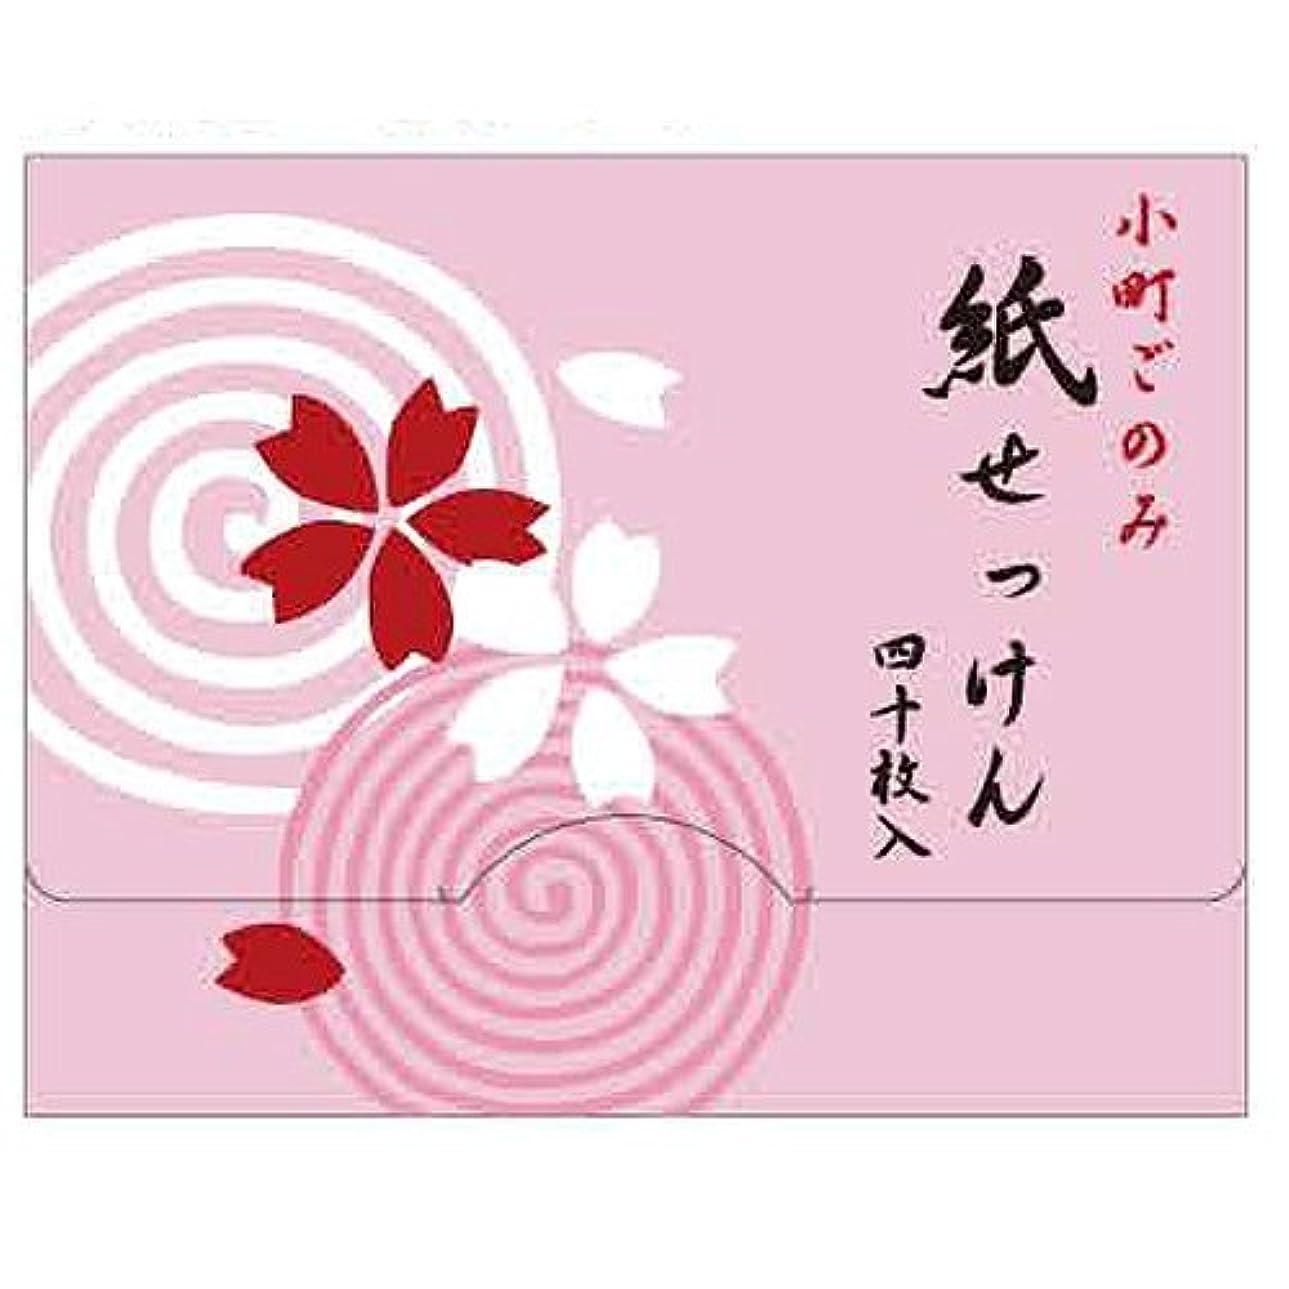 探偵委任する不潔紙せっけん 昔懐かしいシャボンの香り 40枚入り 種類:桜 22-278